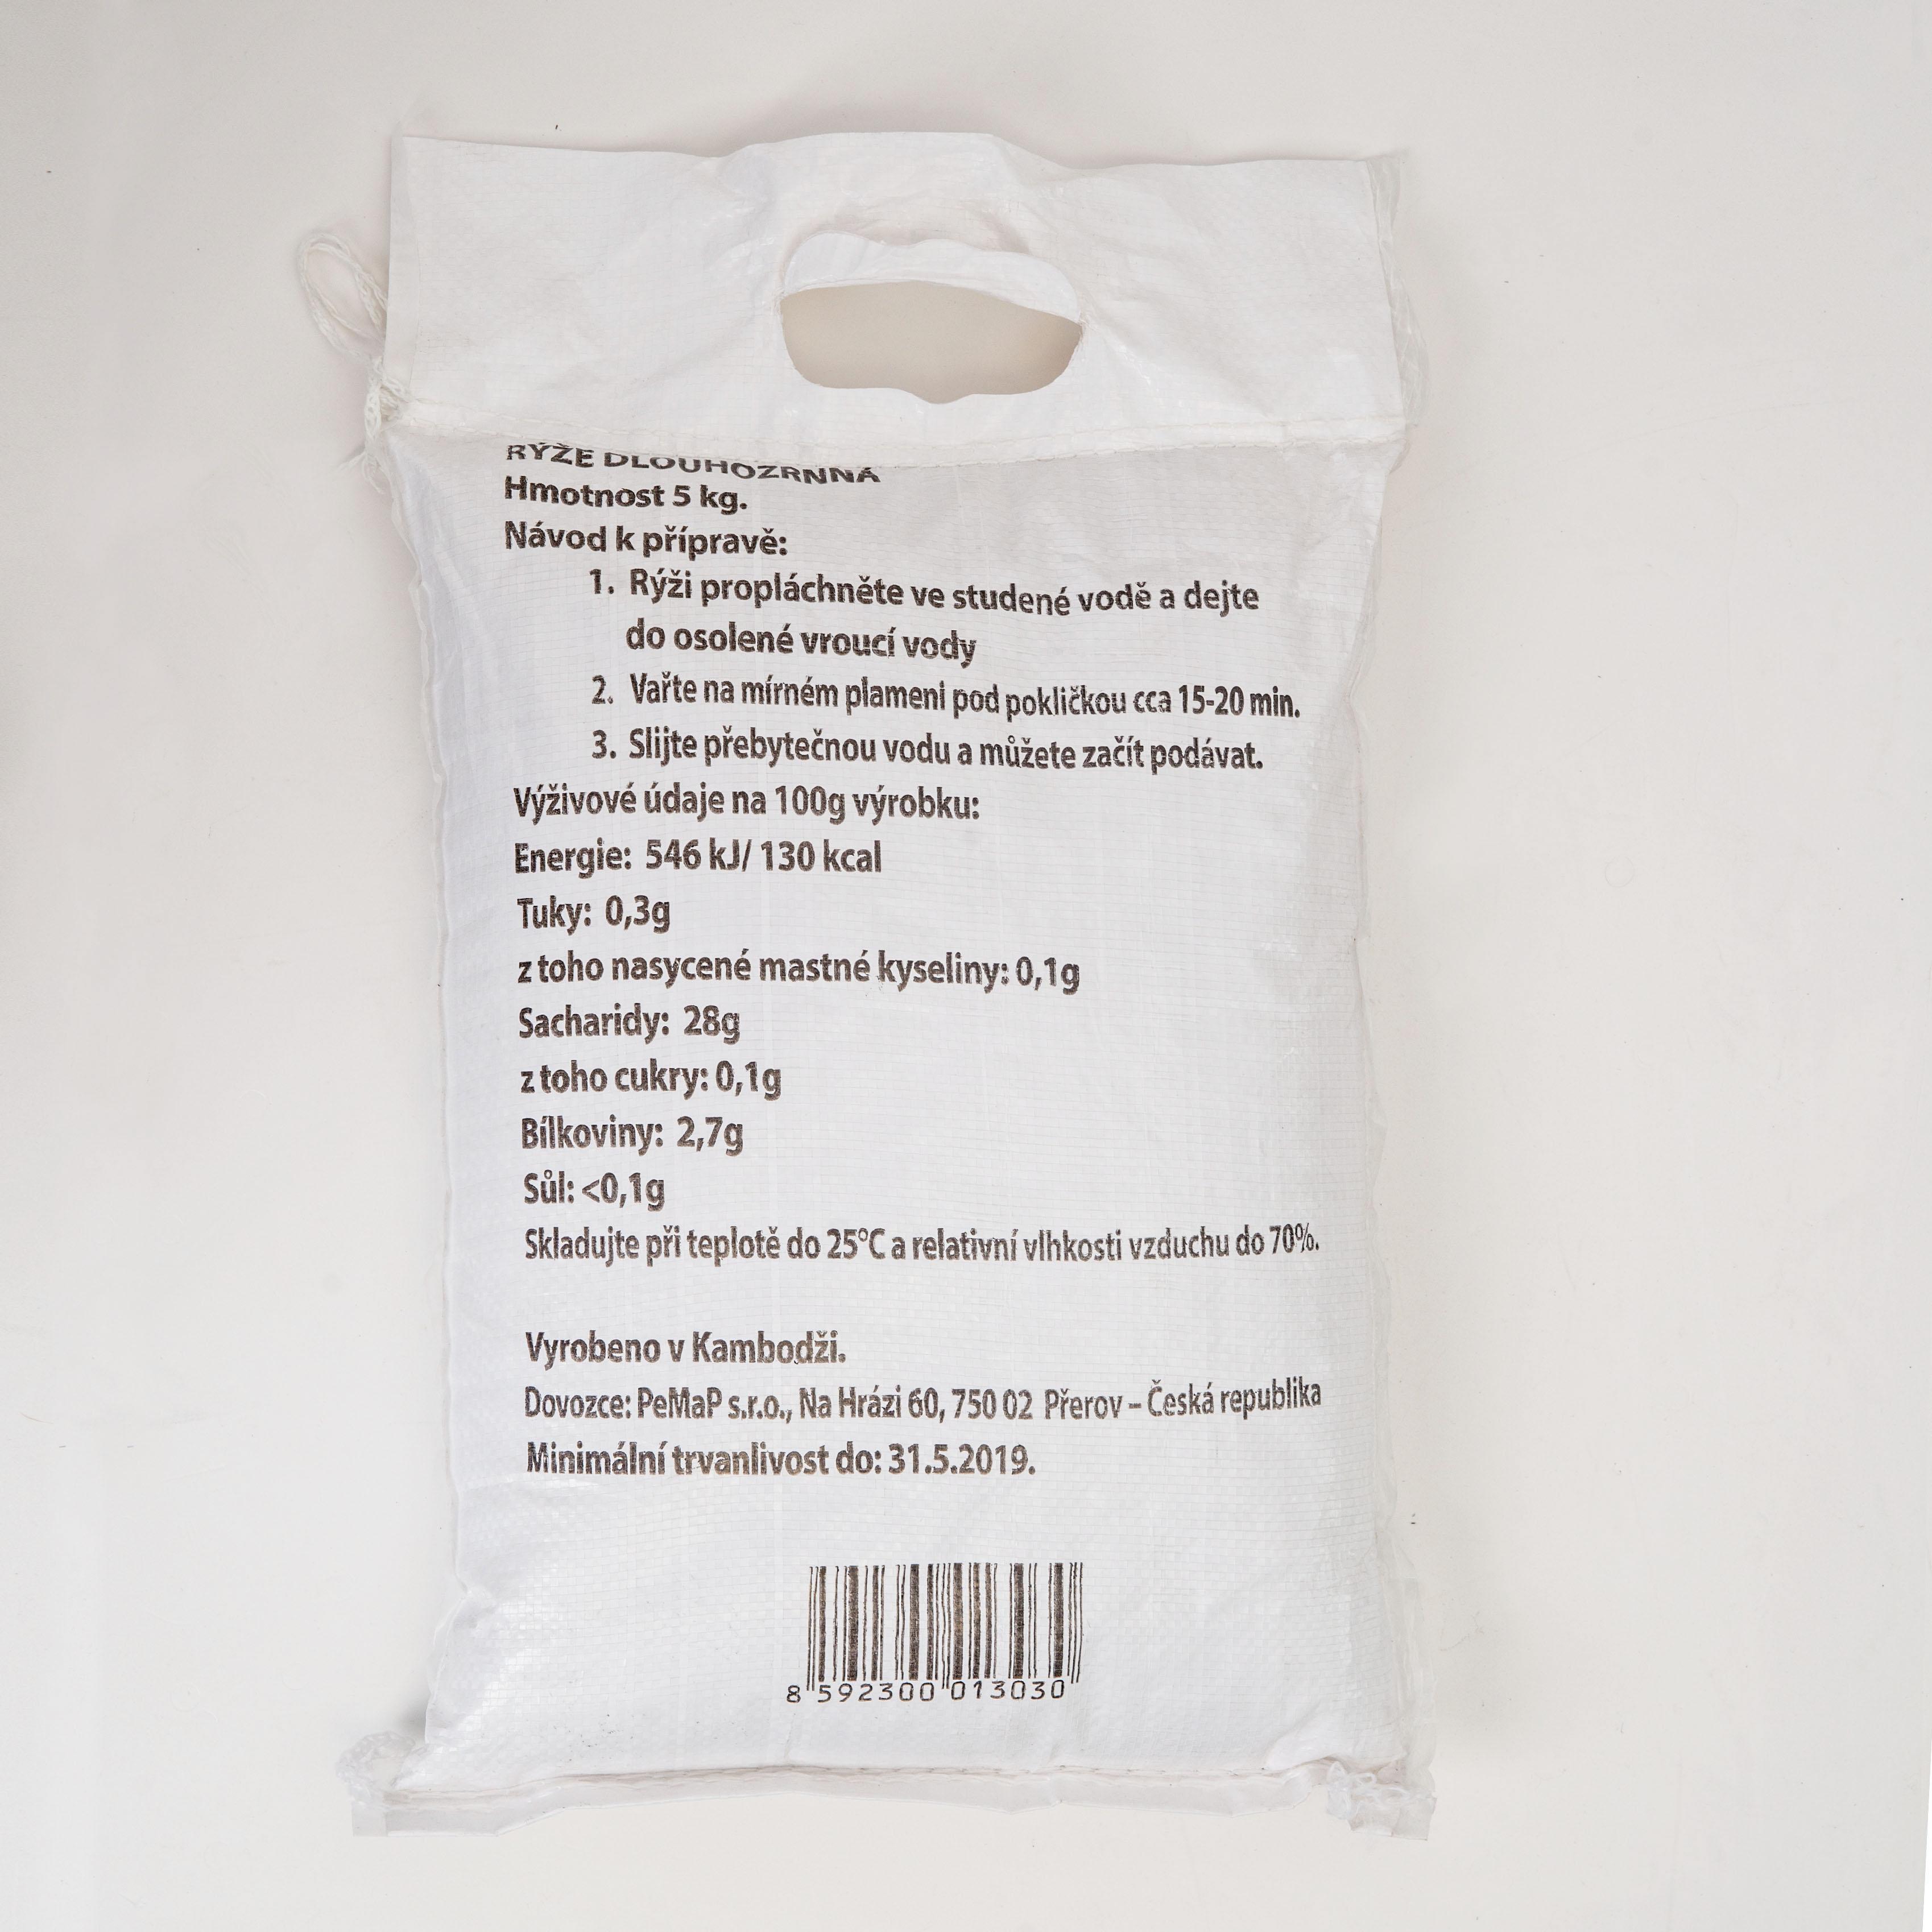 Rýže dlouhozrnná bílá 5kg